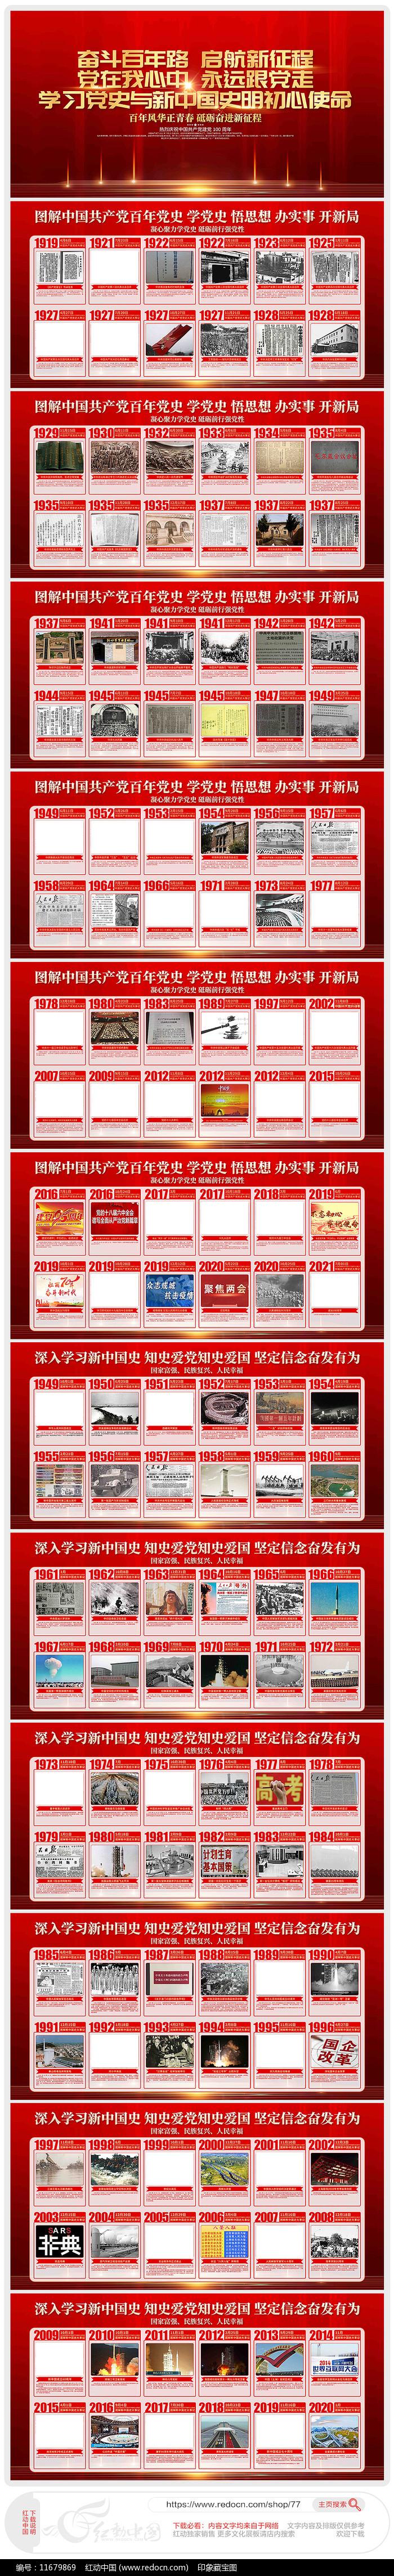 建党100周年学党史新中国史党建展板图片